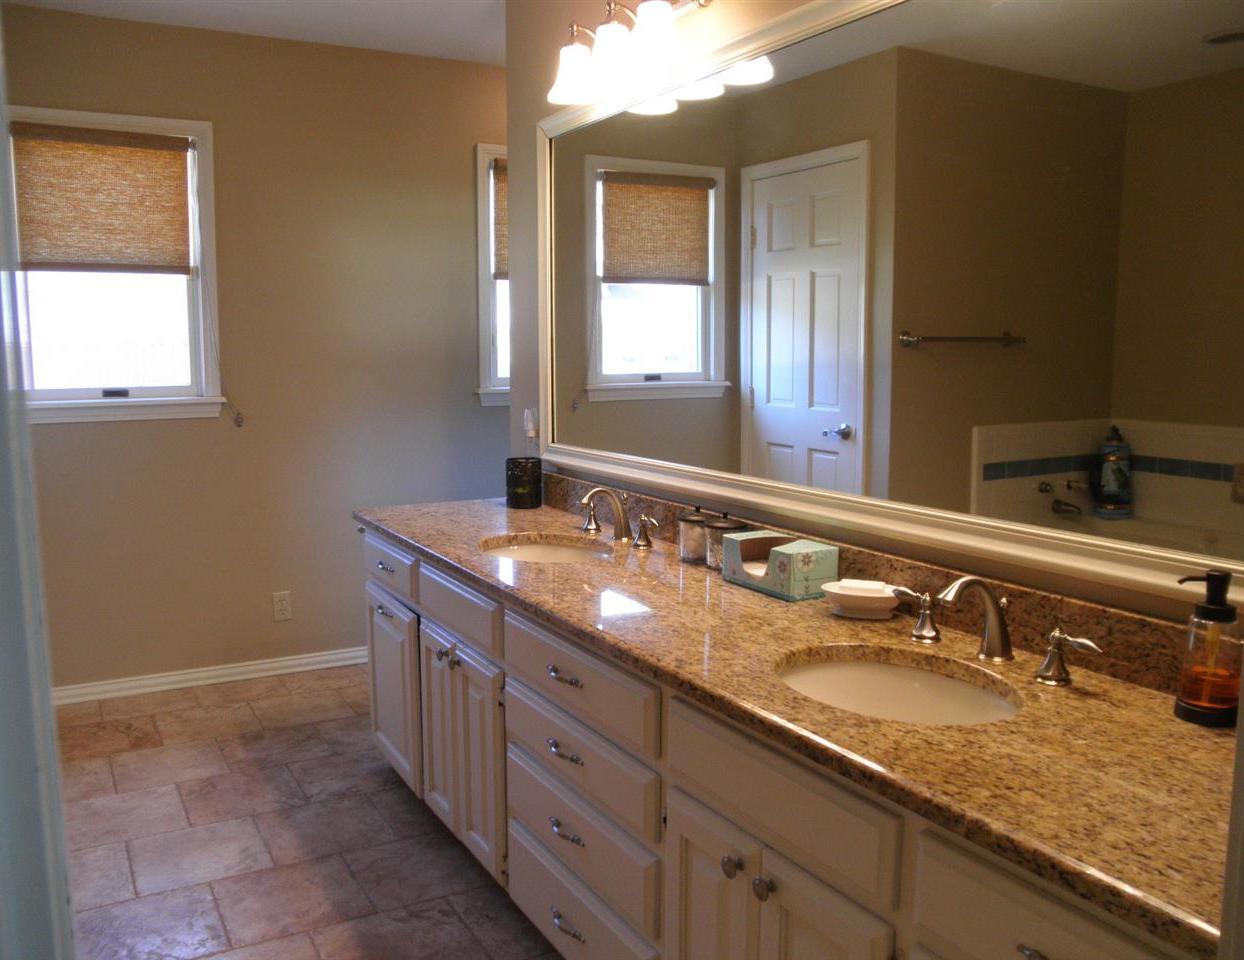 Sold Cross Sale W/ MLS | 15 Sherman Lane Ponca City, OK 74604 22